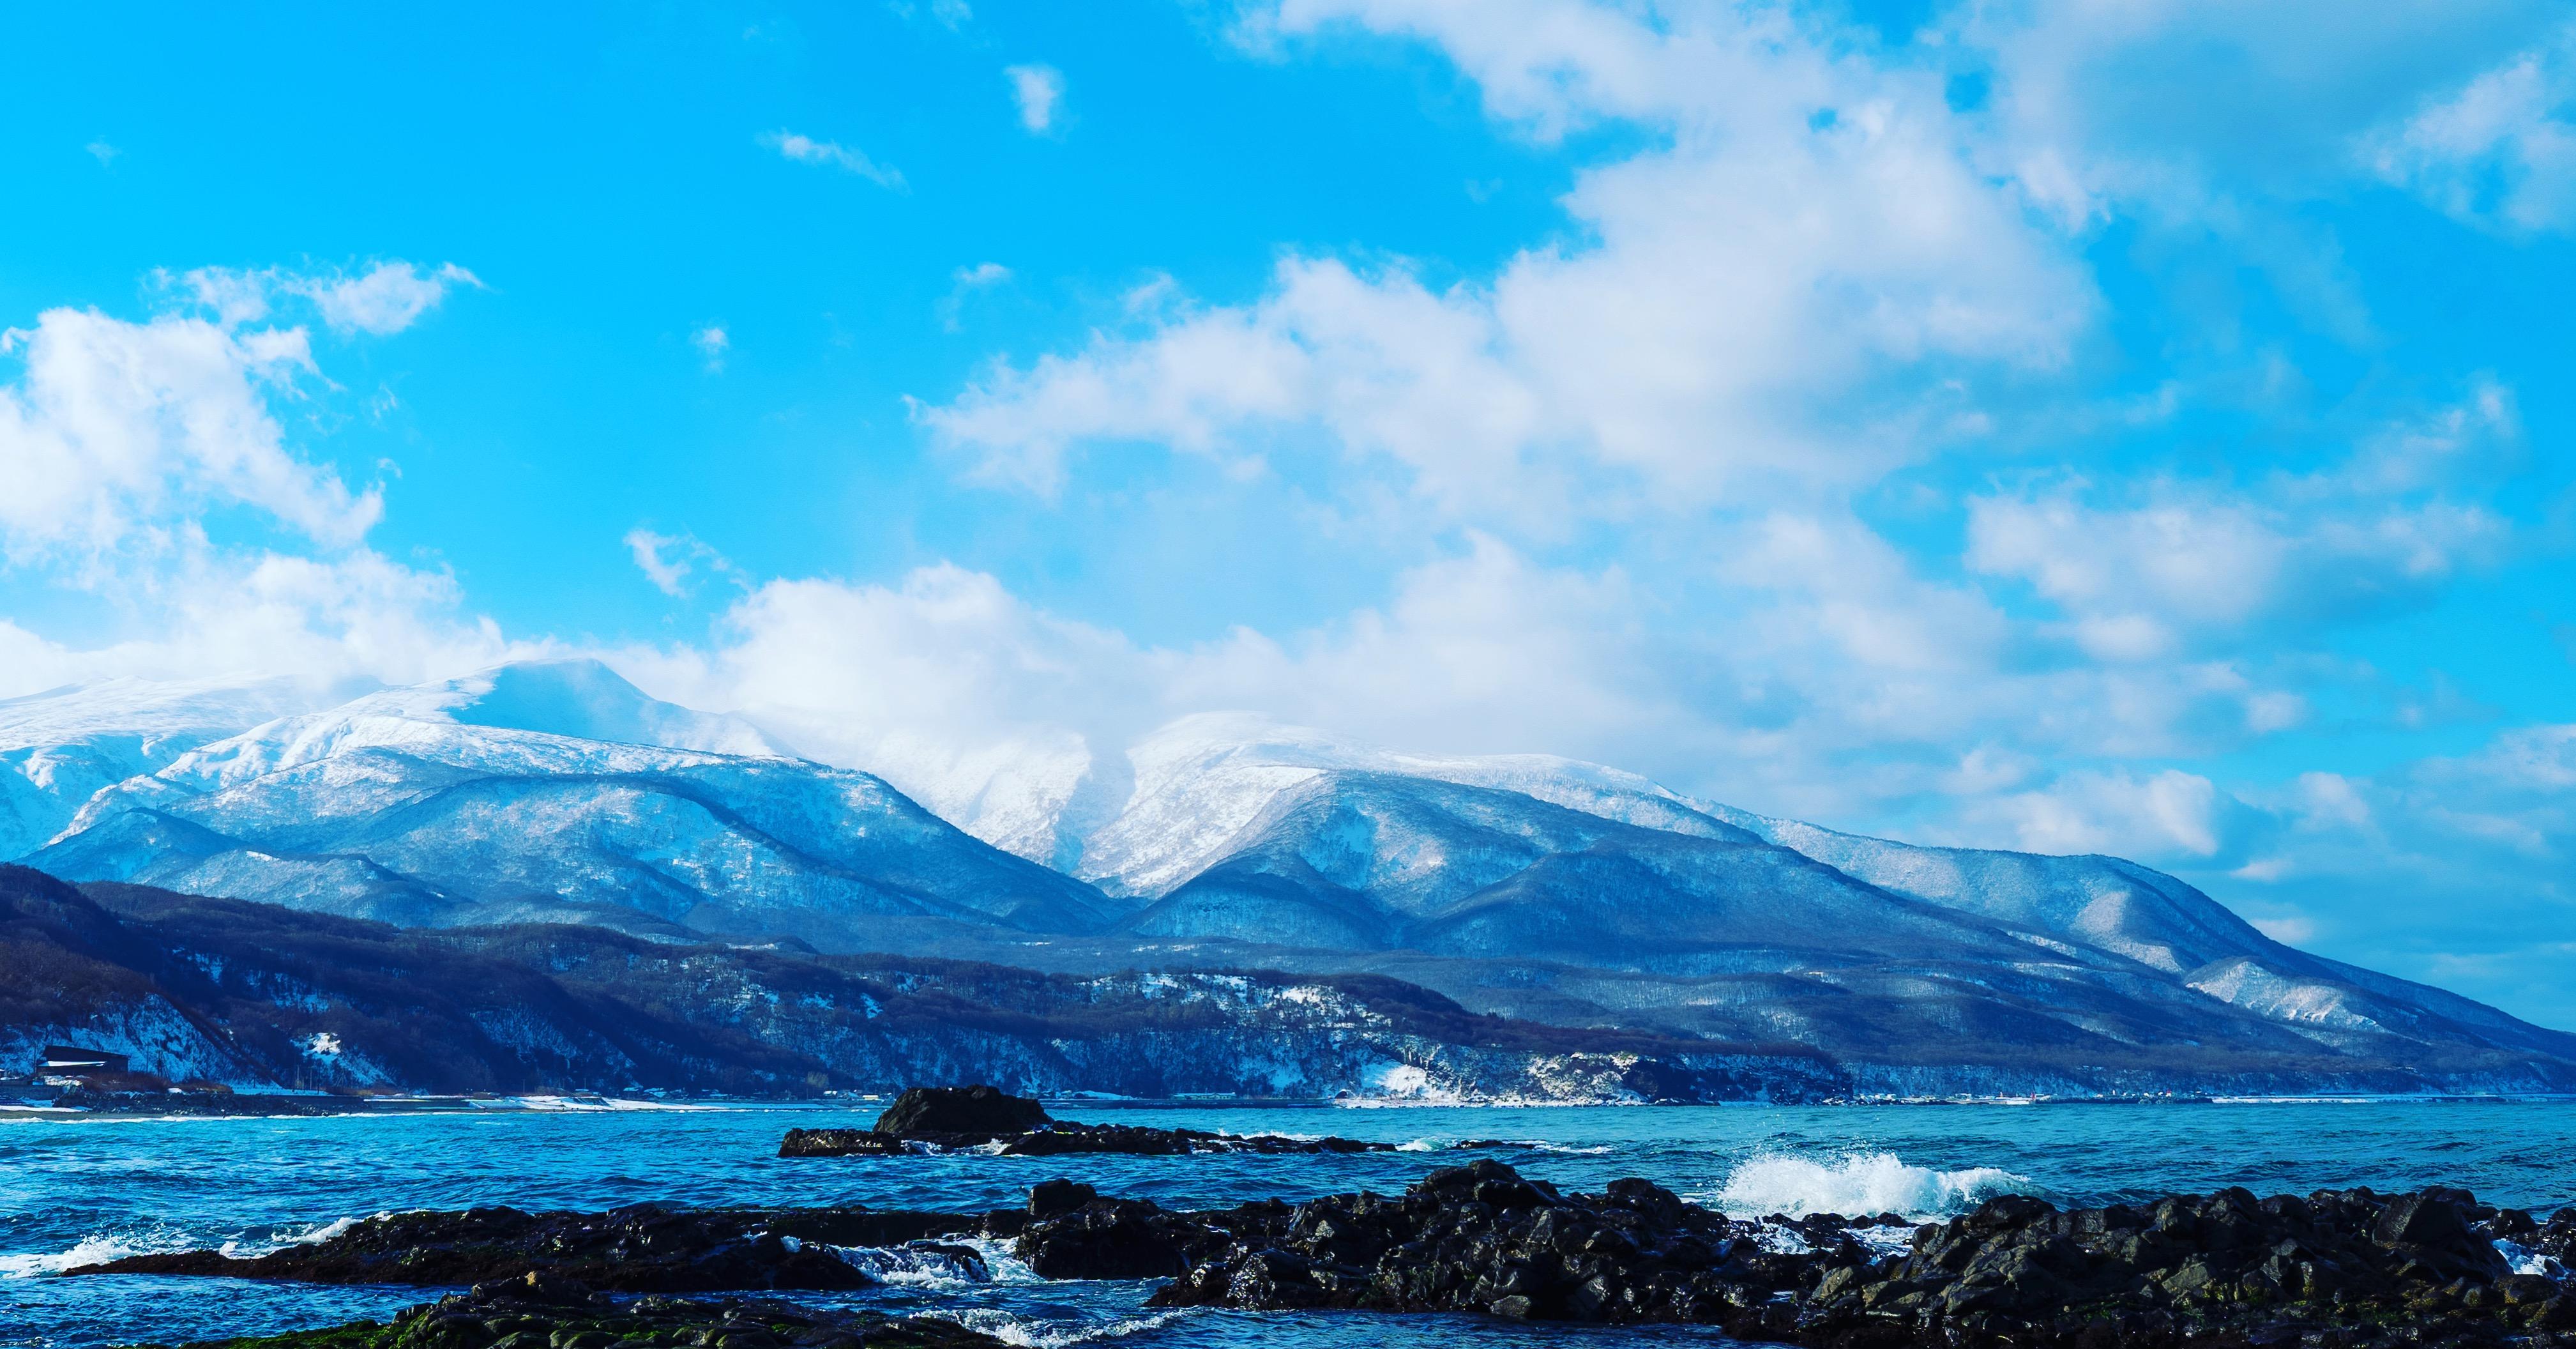 島牧村の海と山と空